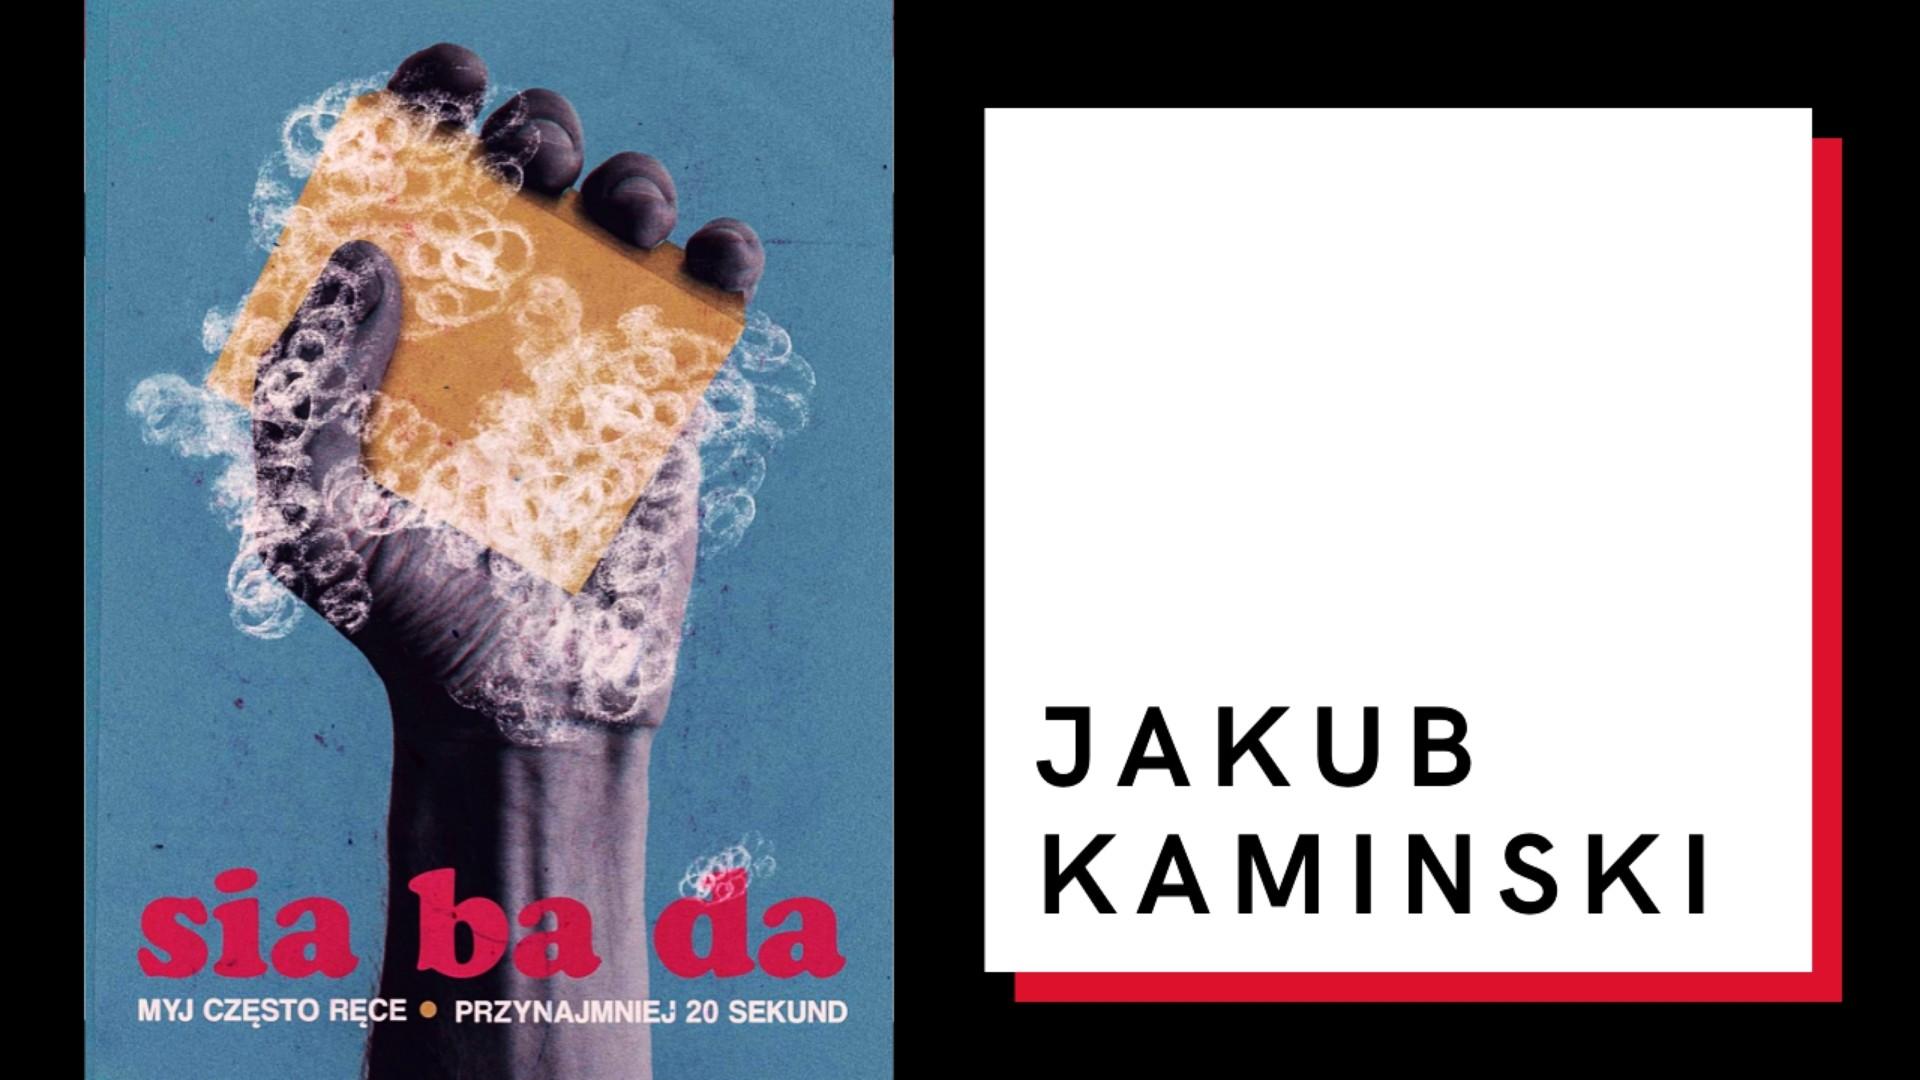 Jakub Kaminski: мыльные иллюстрации польского художника